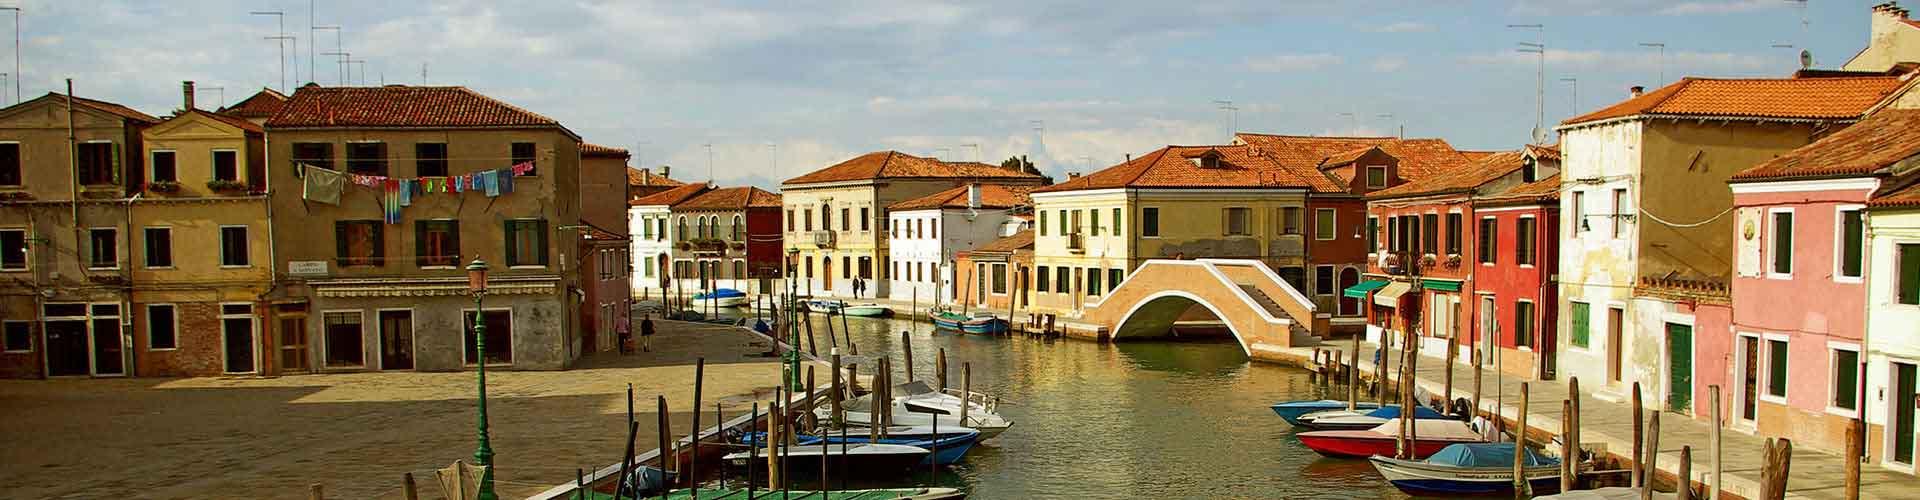 Venezia Mestre - Szobák közel Velence Marco Polo Repülőtér. Venezia Mestre térképek, fotók és ajánlások minden egyes Venezia Mestre szobáról.